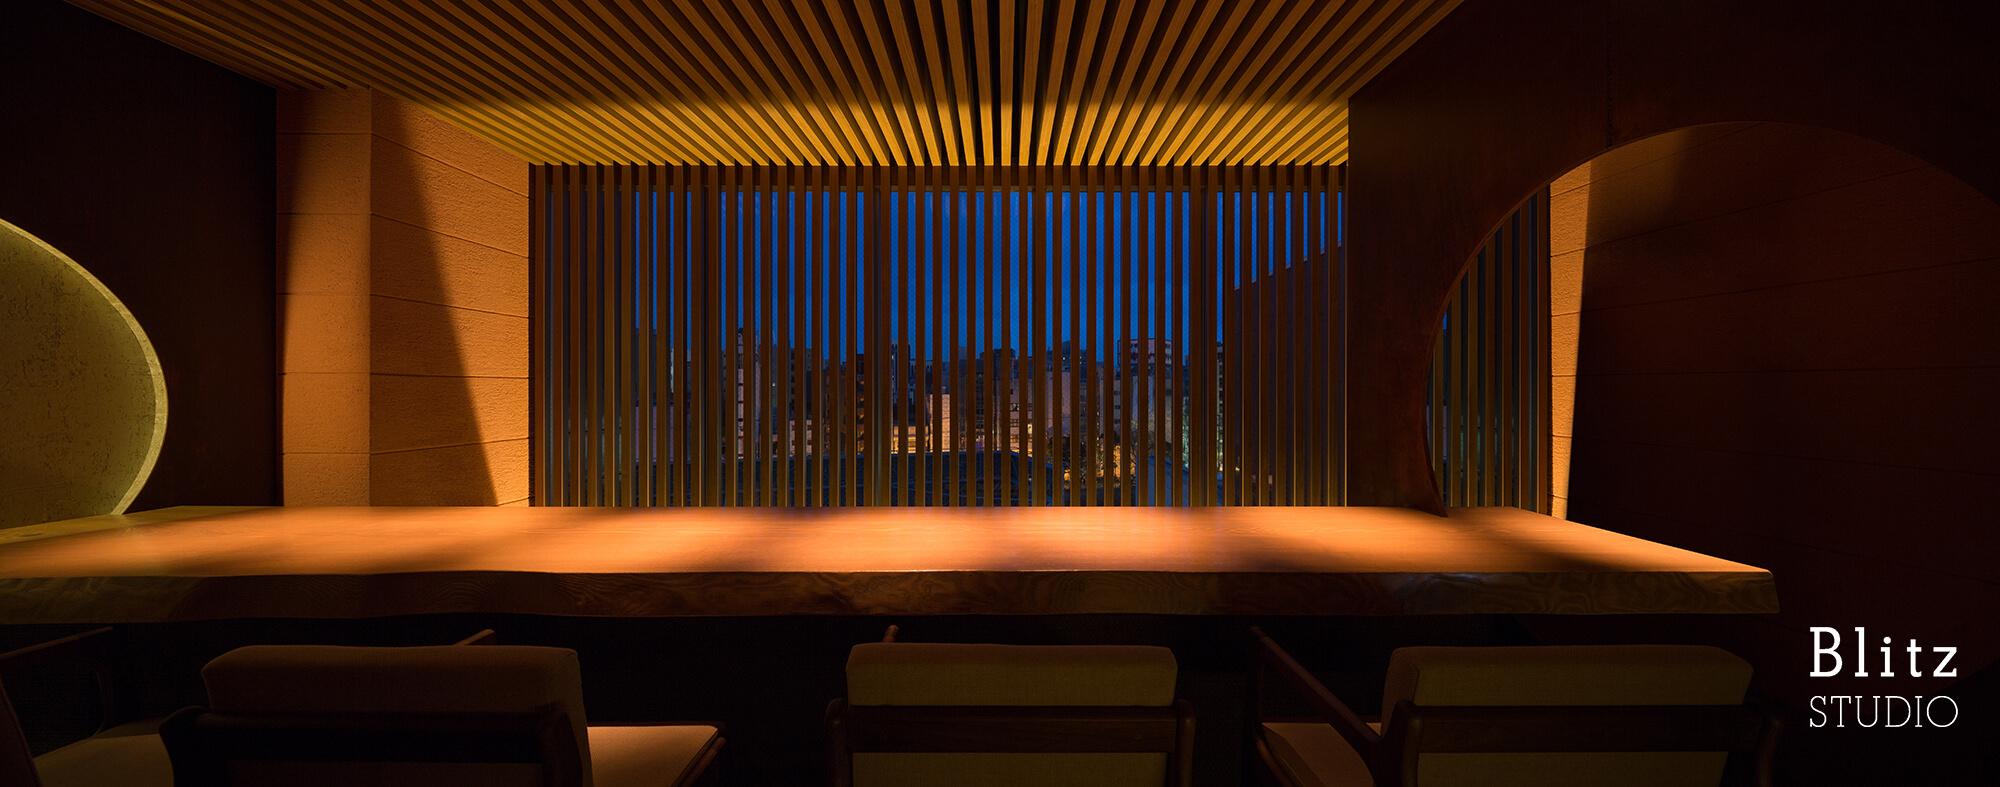 『ダイニングレストラン つきみち』建築写真・竣工写真・インテリア写真10